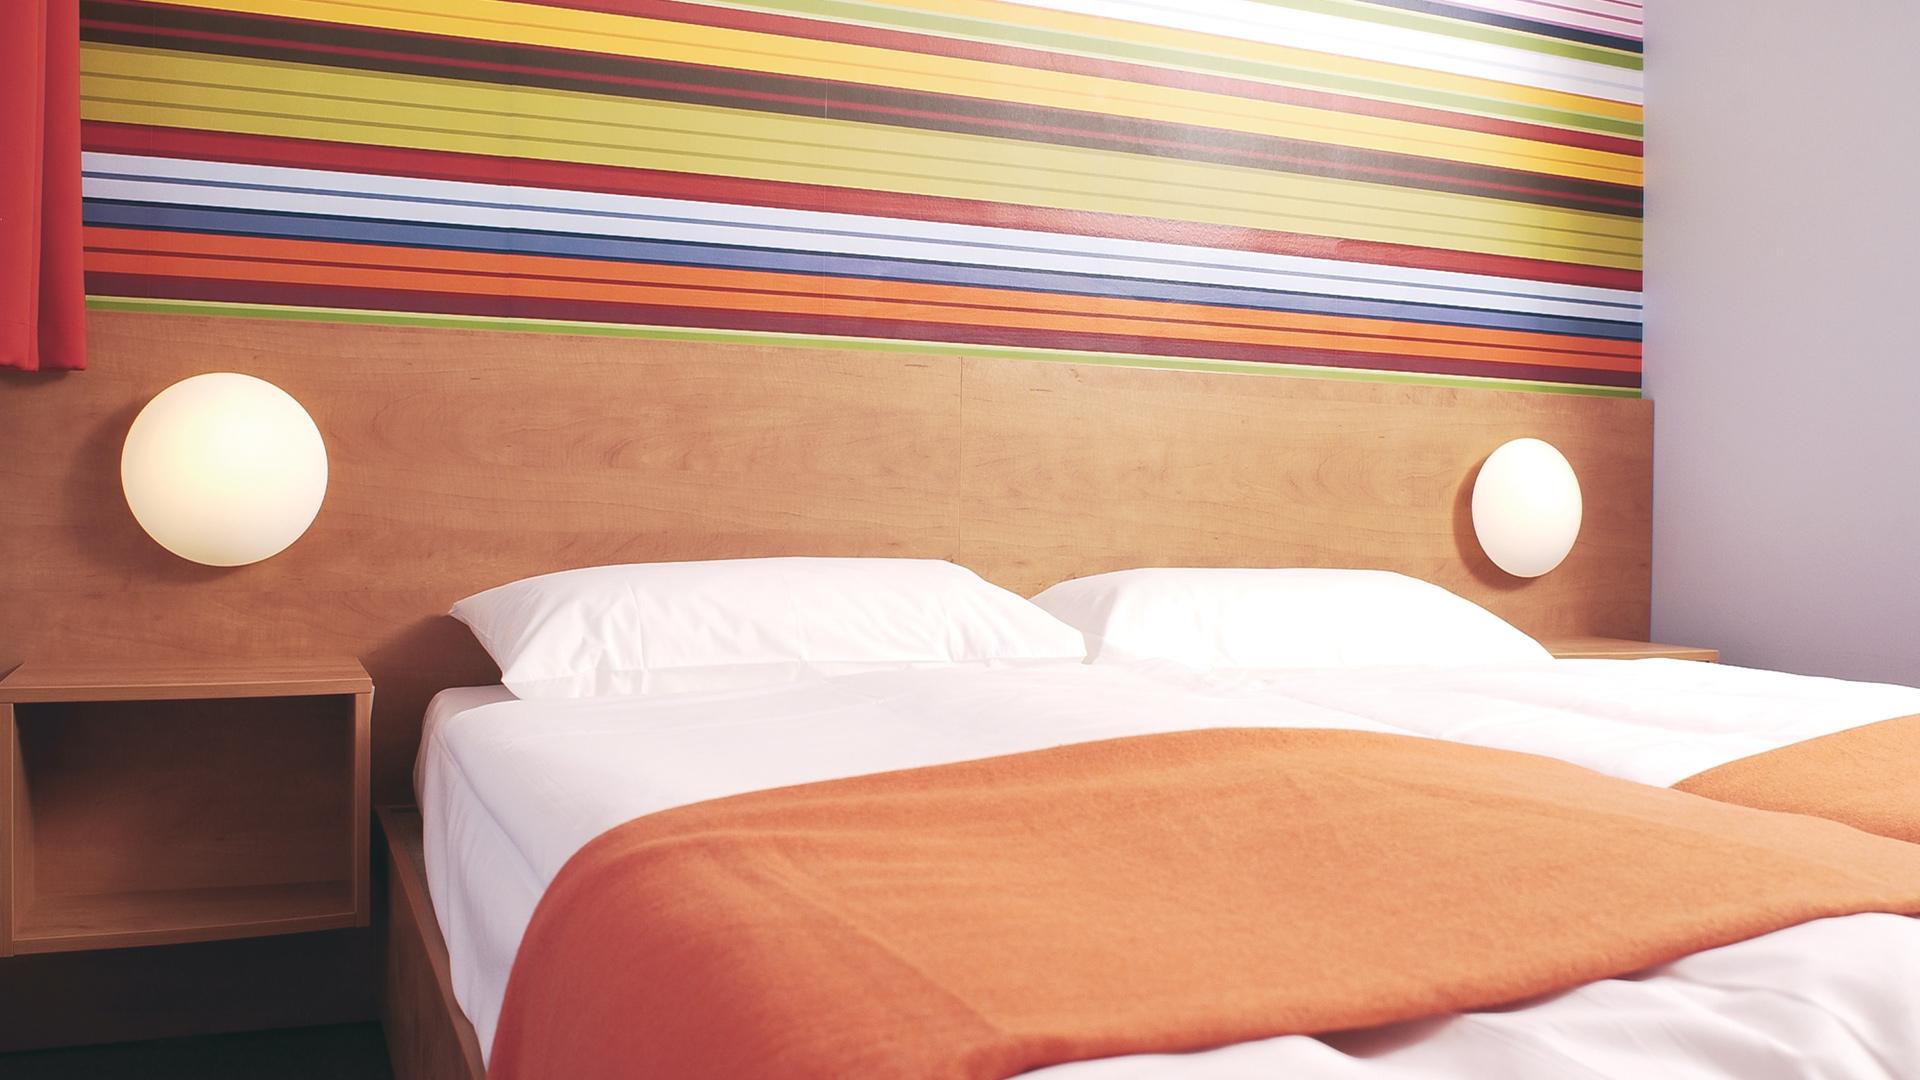 is kollektion ari gmbh lampenschirme kleinhandel hemer deutschland tel 02372557. Black Bedroom Furniture Sets. Home Design Ideas